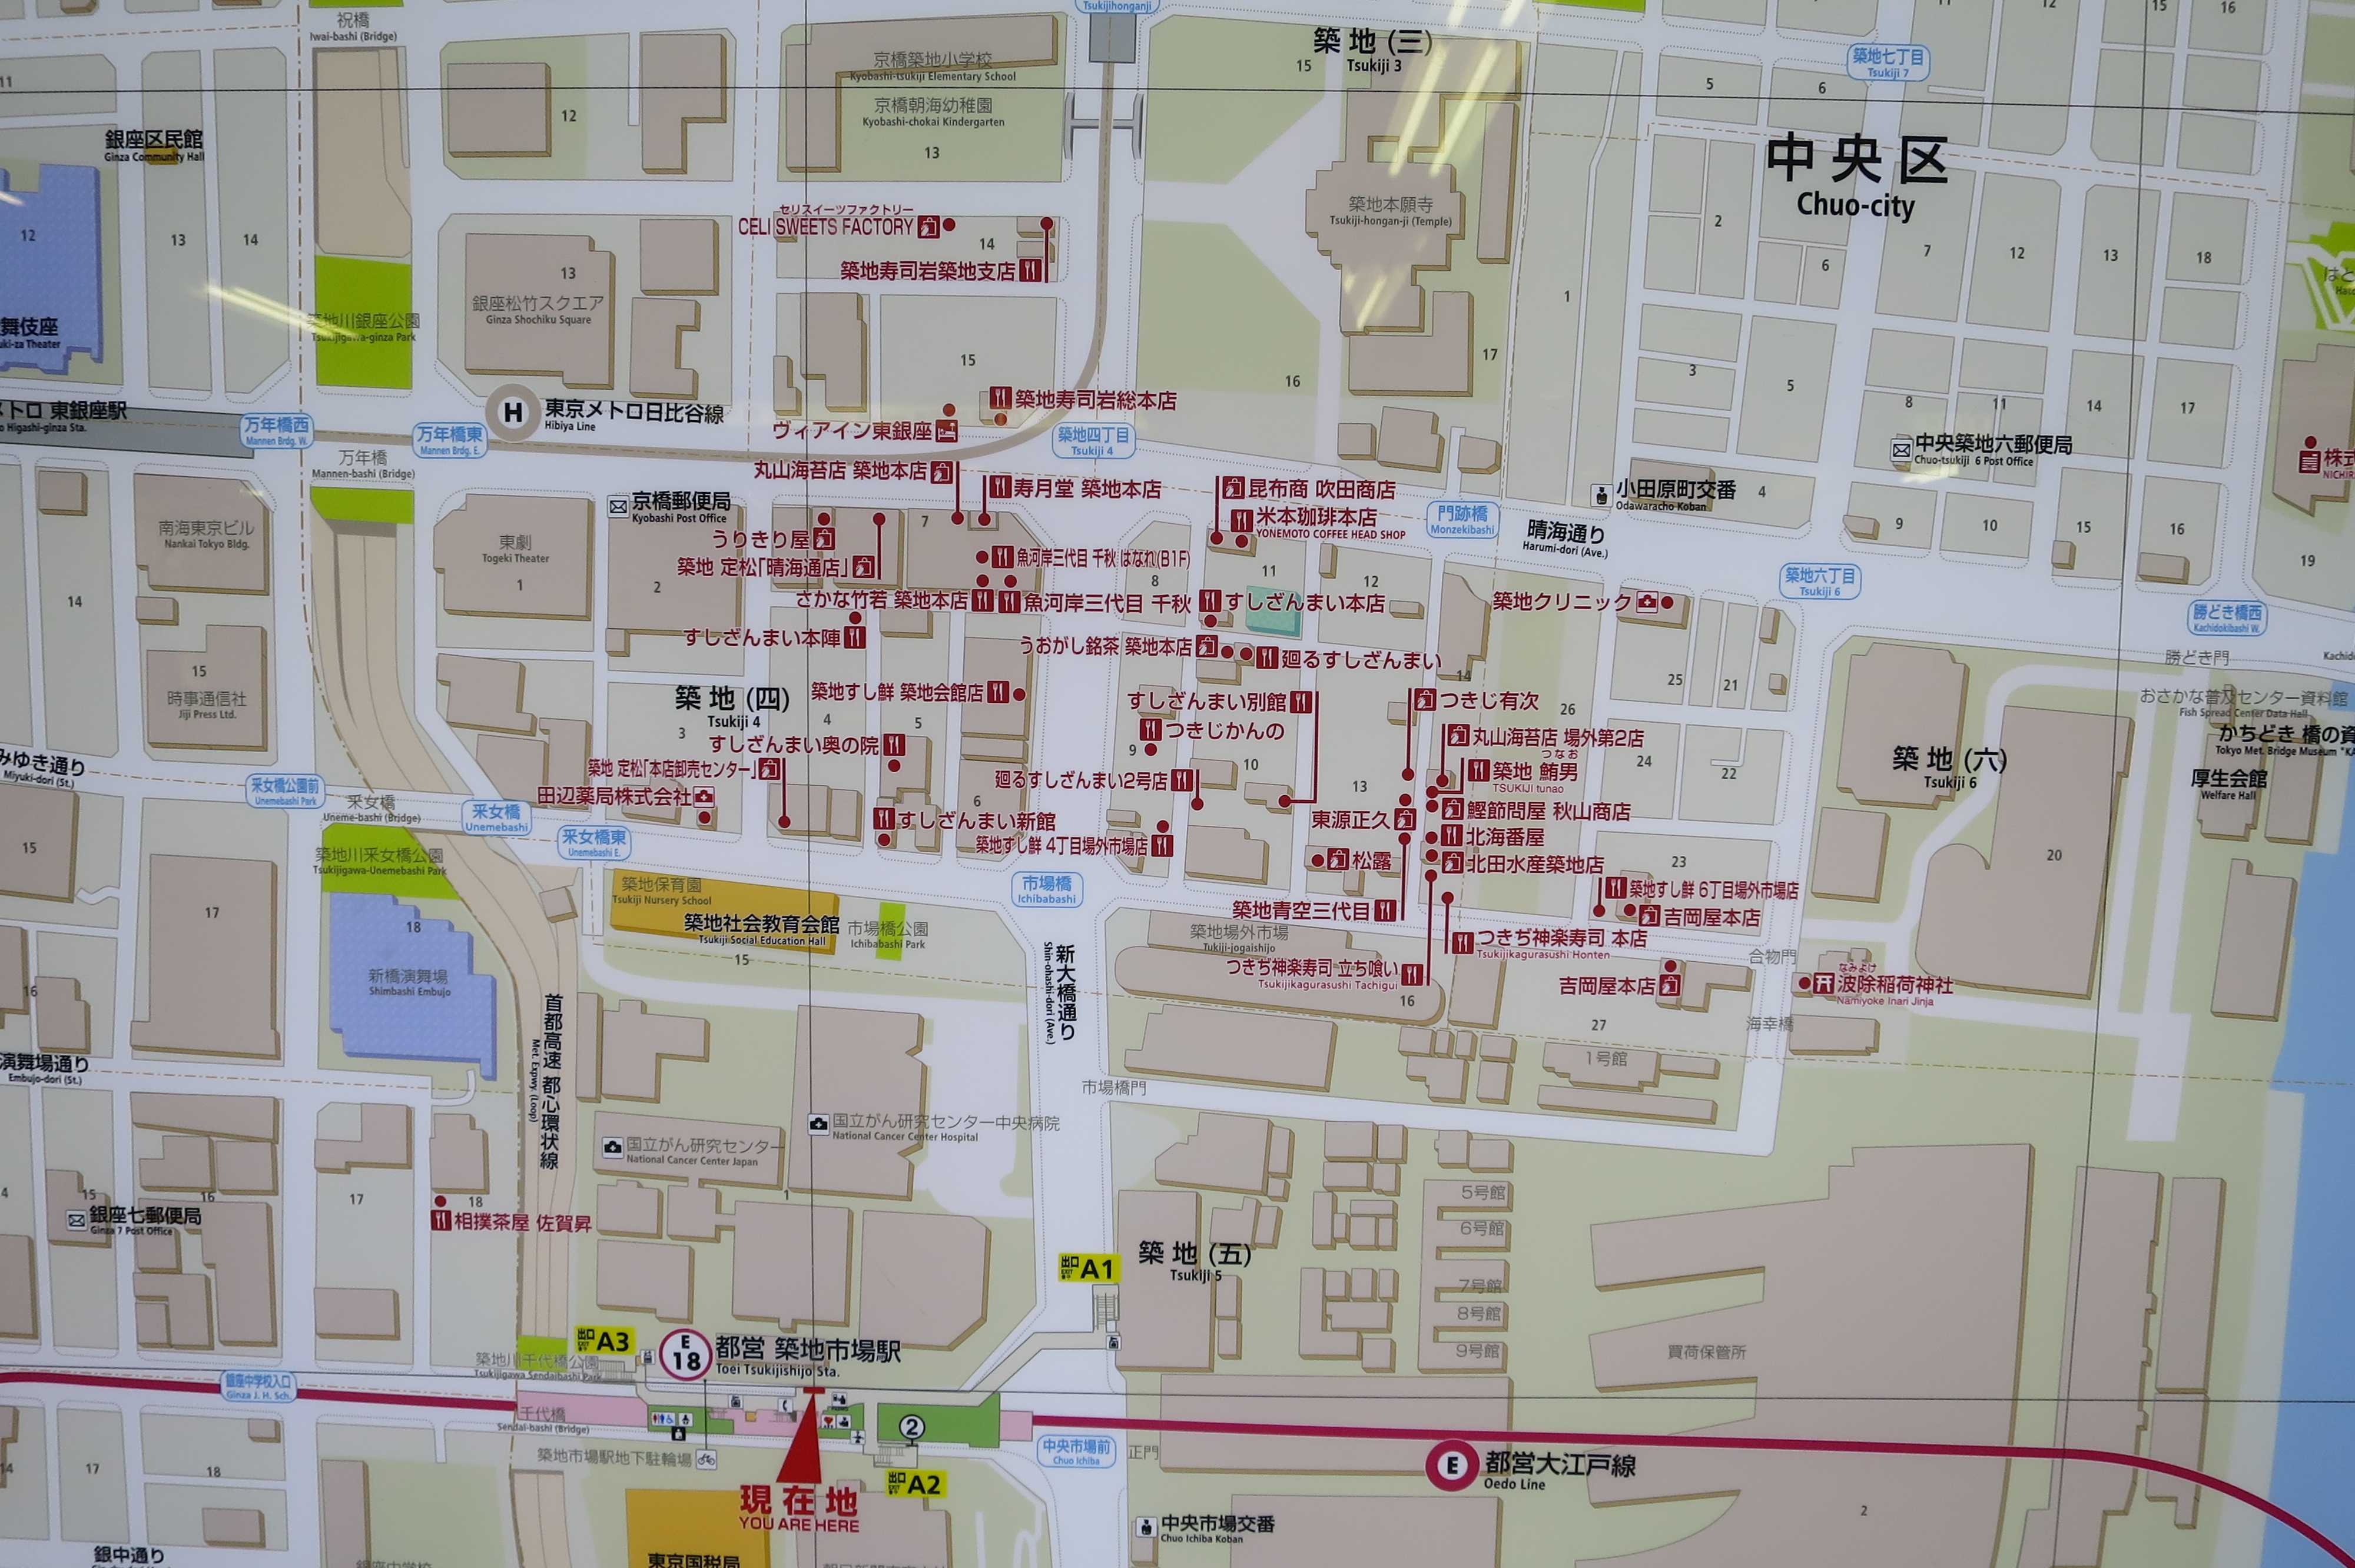 築地エリア - 大江戸線 築地市場駅 周辺地図(周辺マップ)